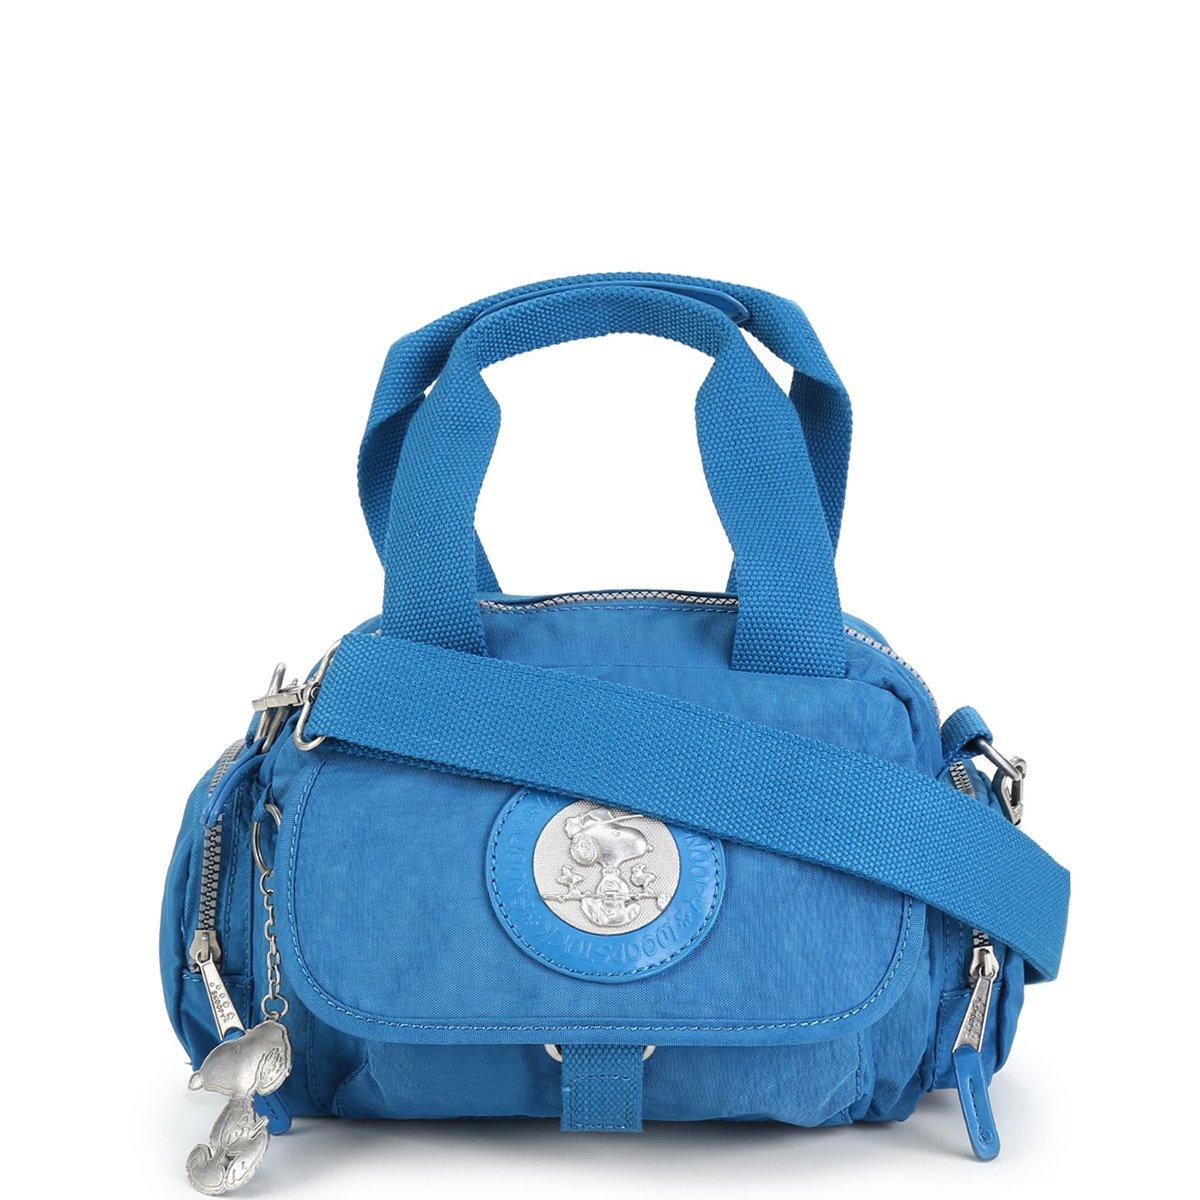 Bolsa Snoopy Shopper Pequena Com Bag Charm Feminina